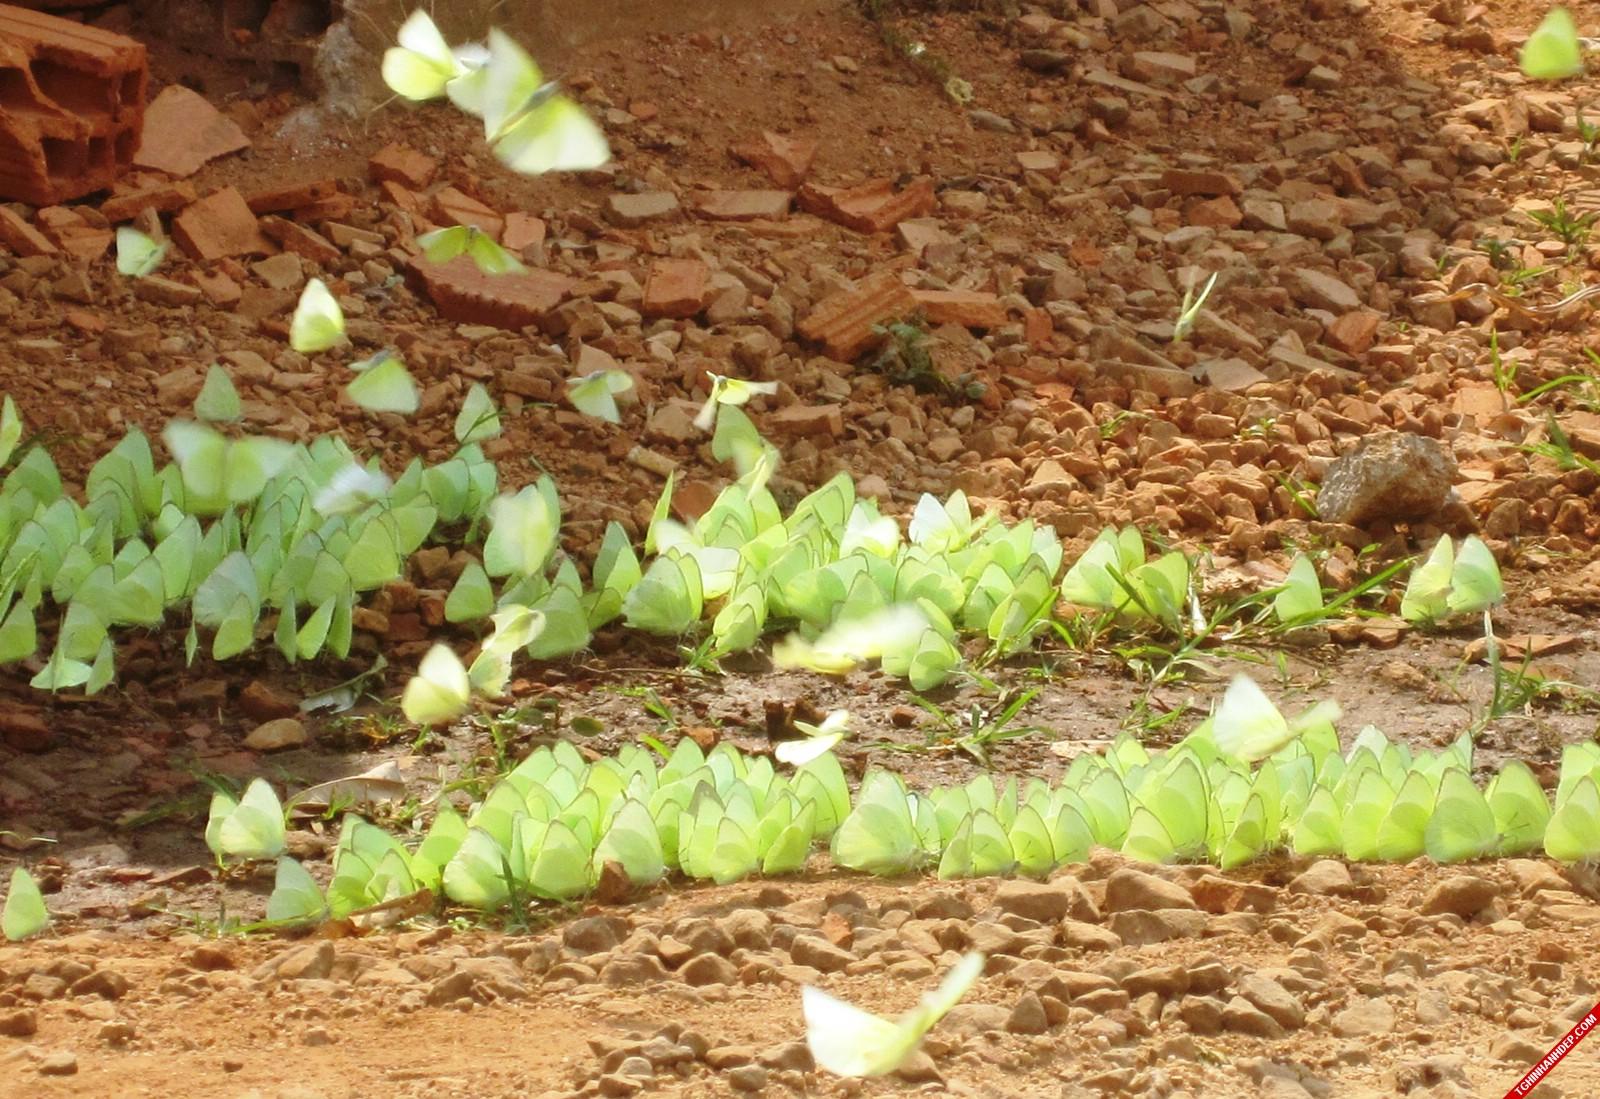 Tháng 4 Tây Nguyên: mùa bướm bay và hoa muồng vàng